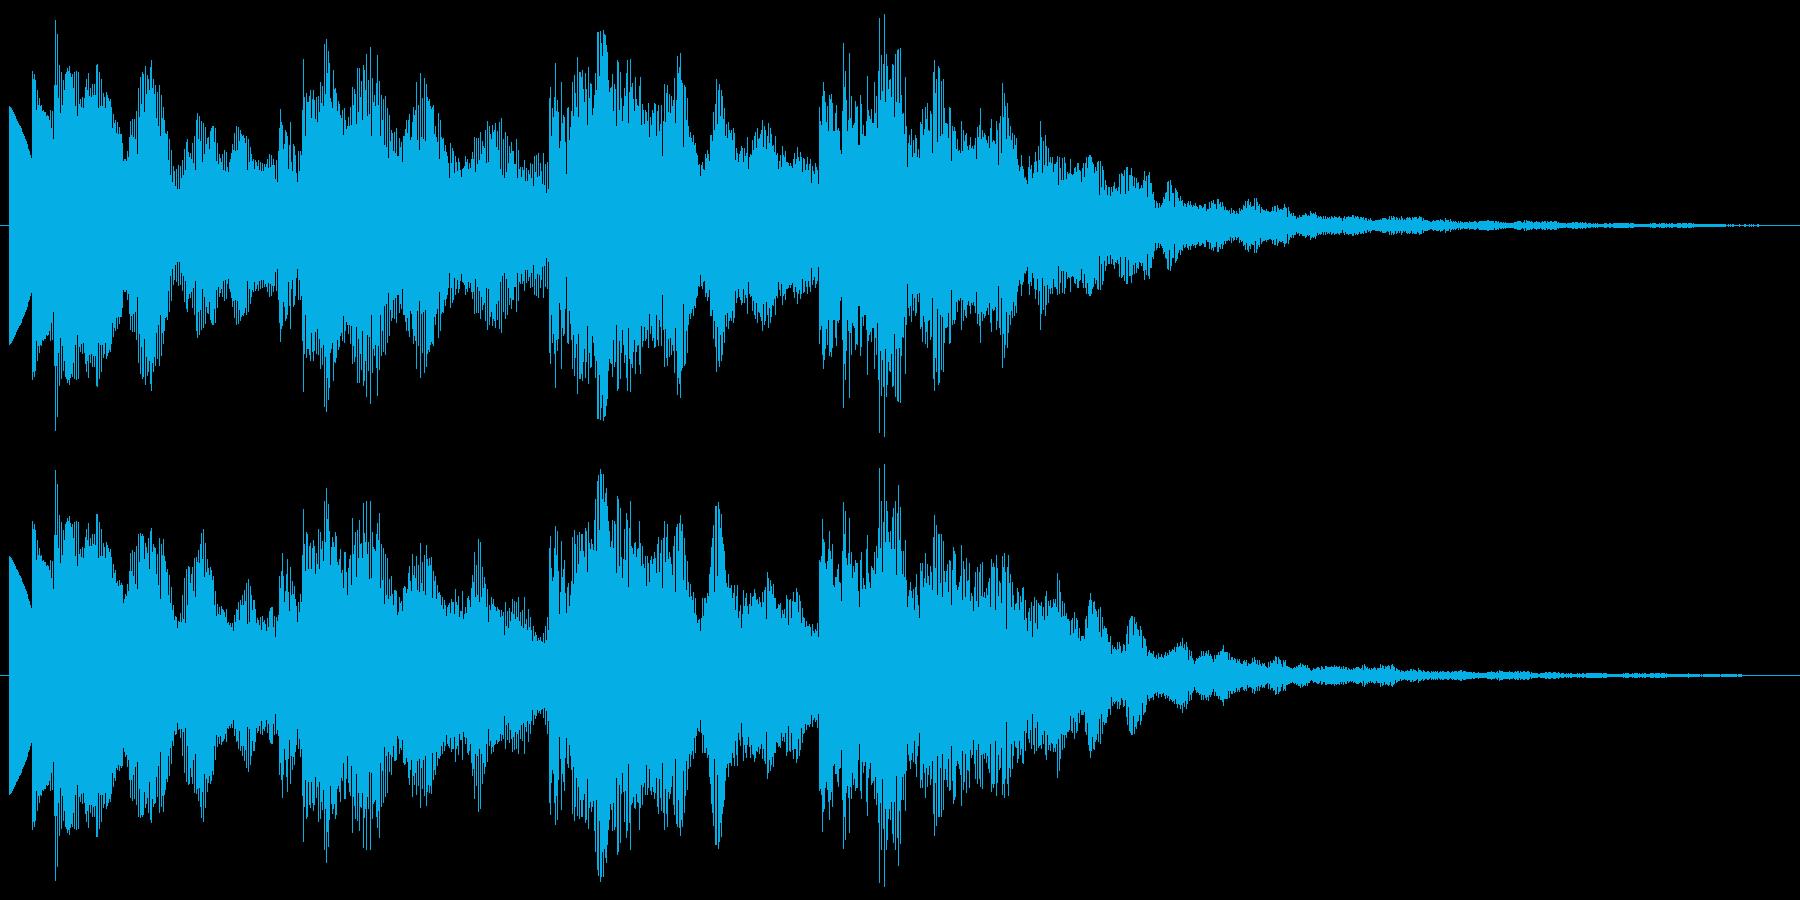 ポップ 優しく煌びやかな音 サウンドロゴの再生済みの波形